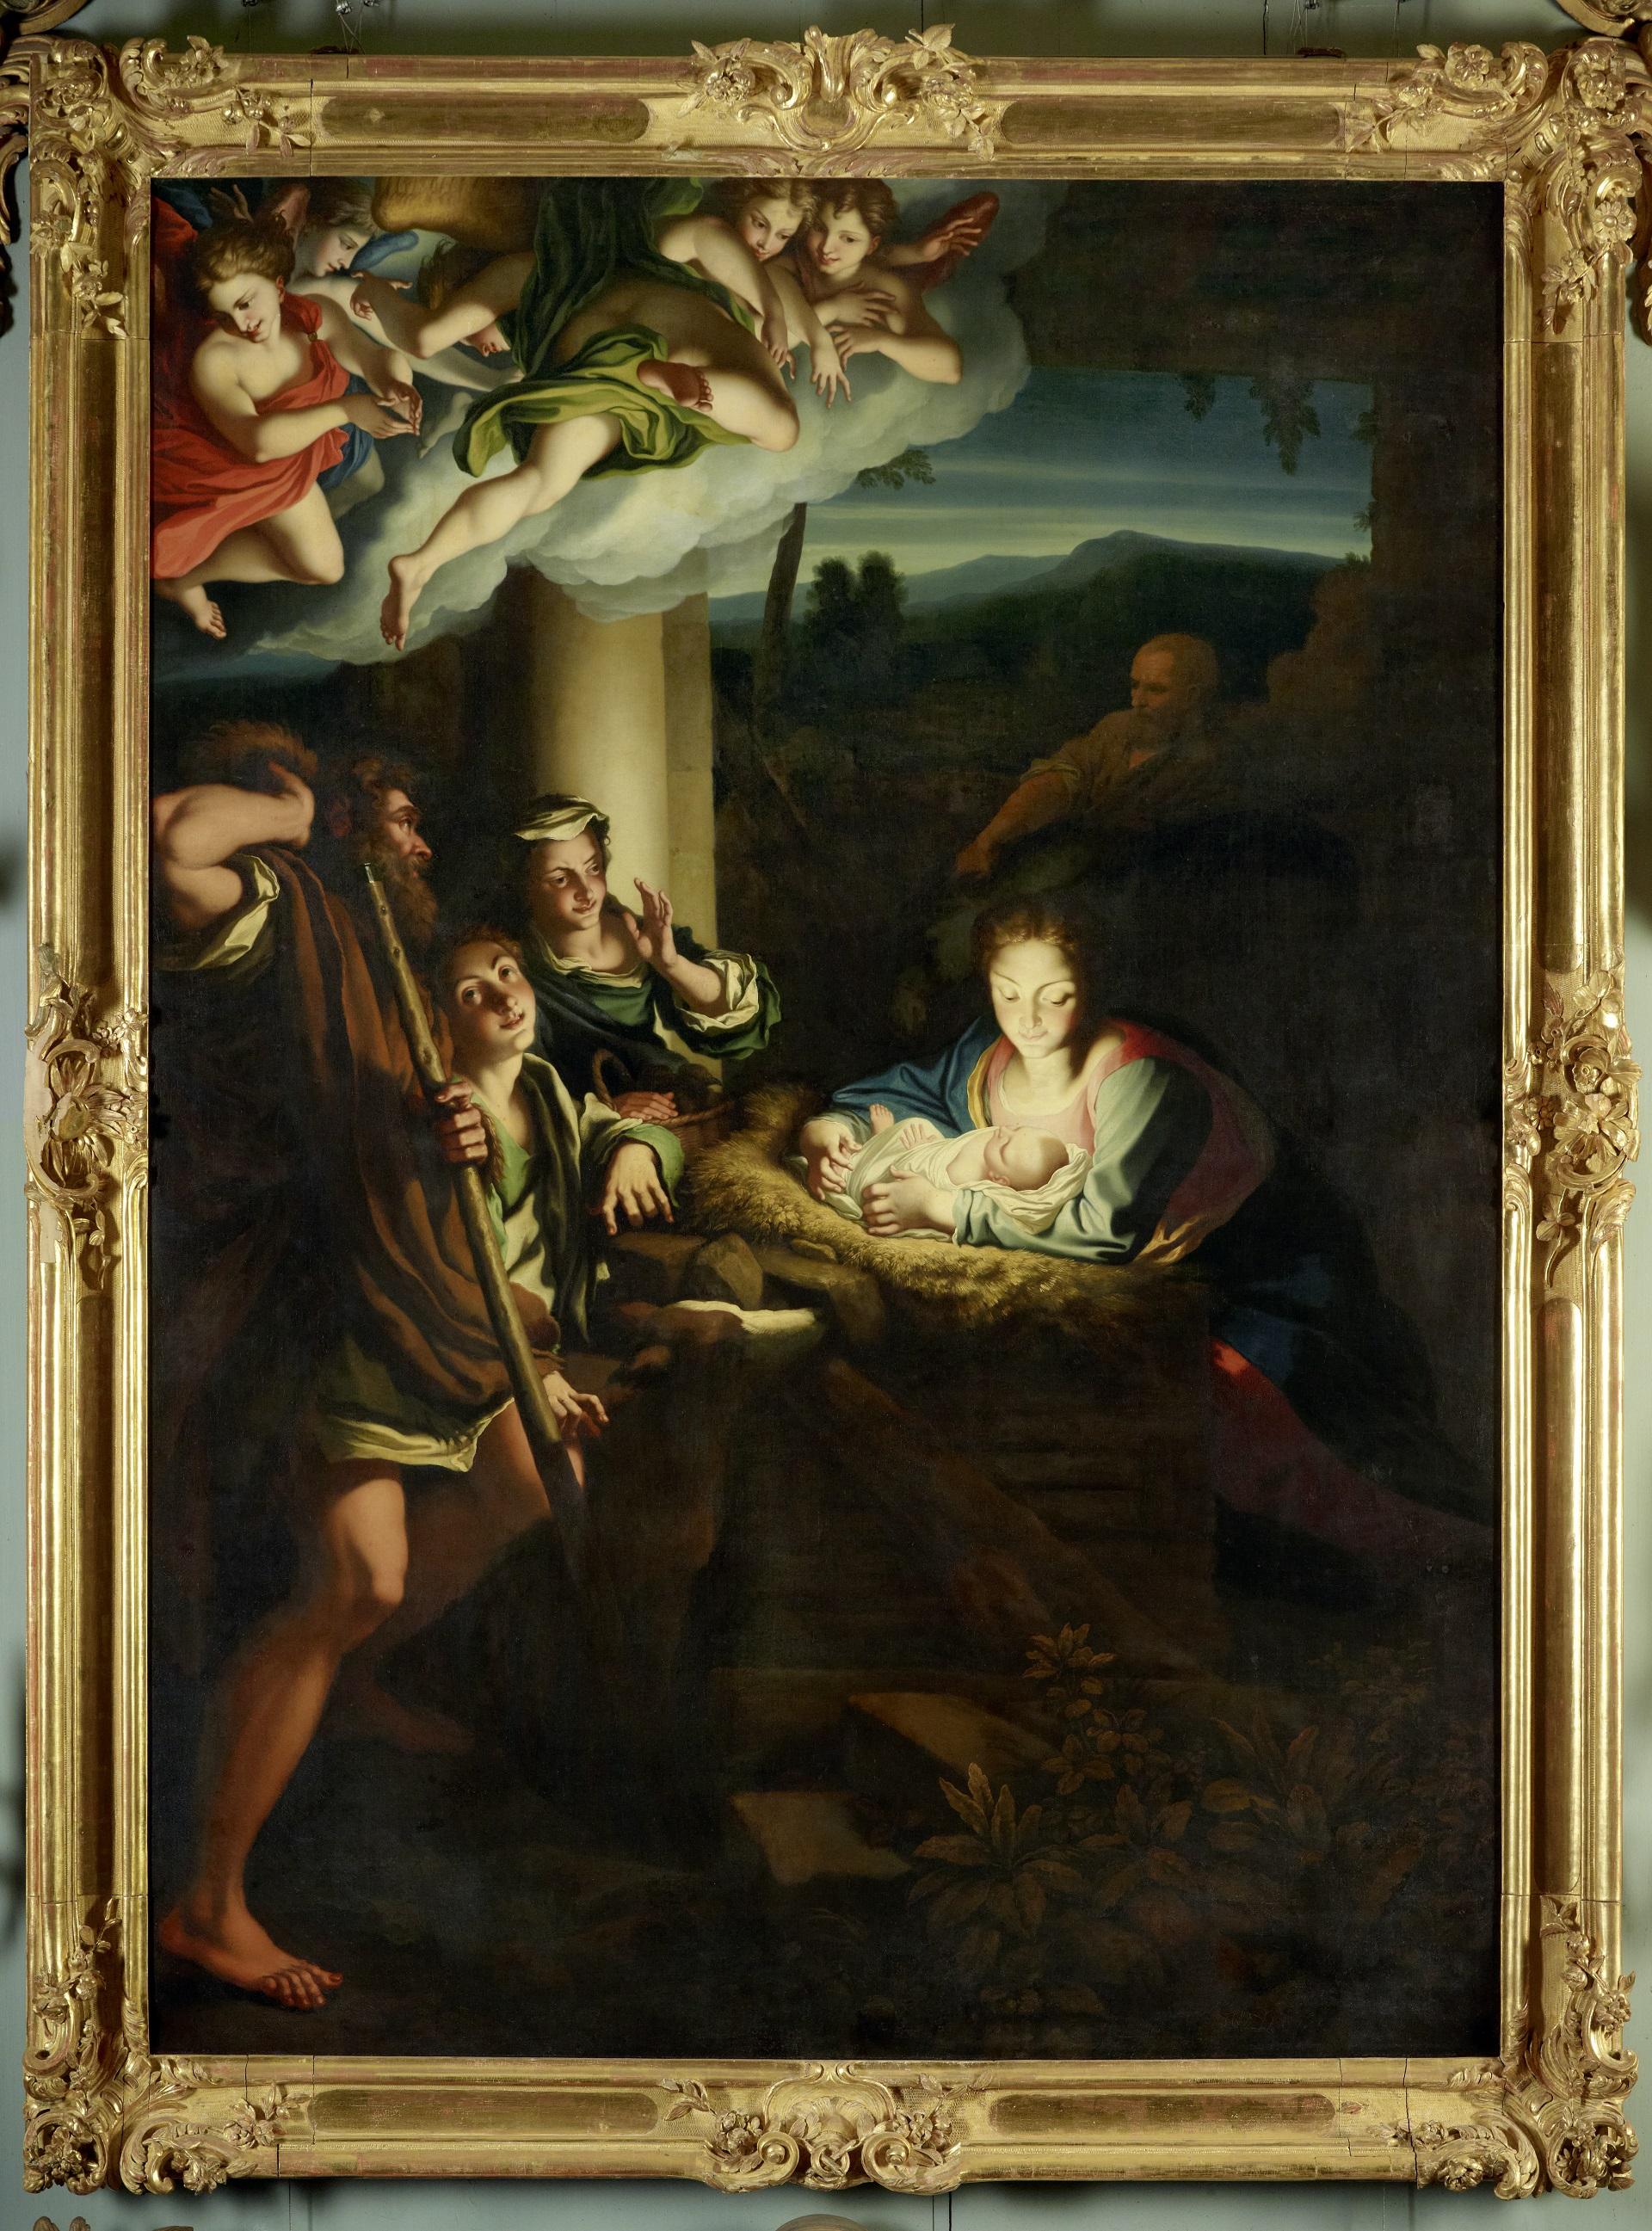 Christian Wilhelm Ernst Dietrich nach einer Vorlage von Antonio Allegri da Corregio, Anbetung der Hirten / Heilige Nacht, 1755, Öl auf Leinwand, 263 x 187 cm, GK I 5216, Copyright: SPSG